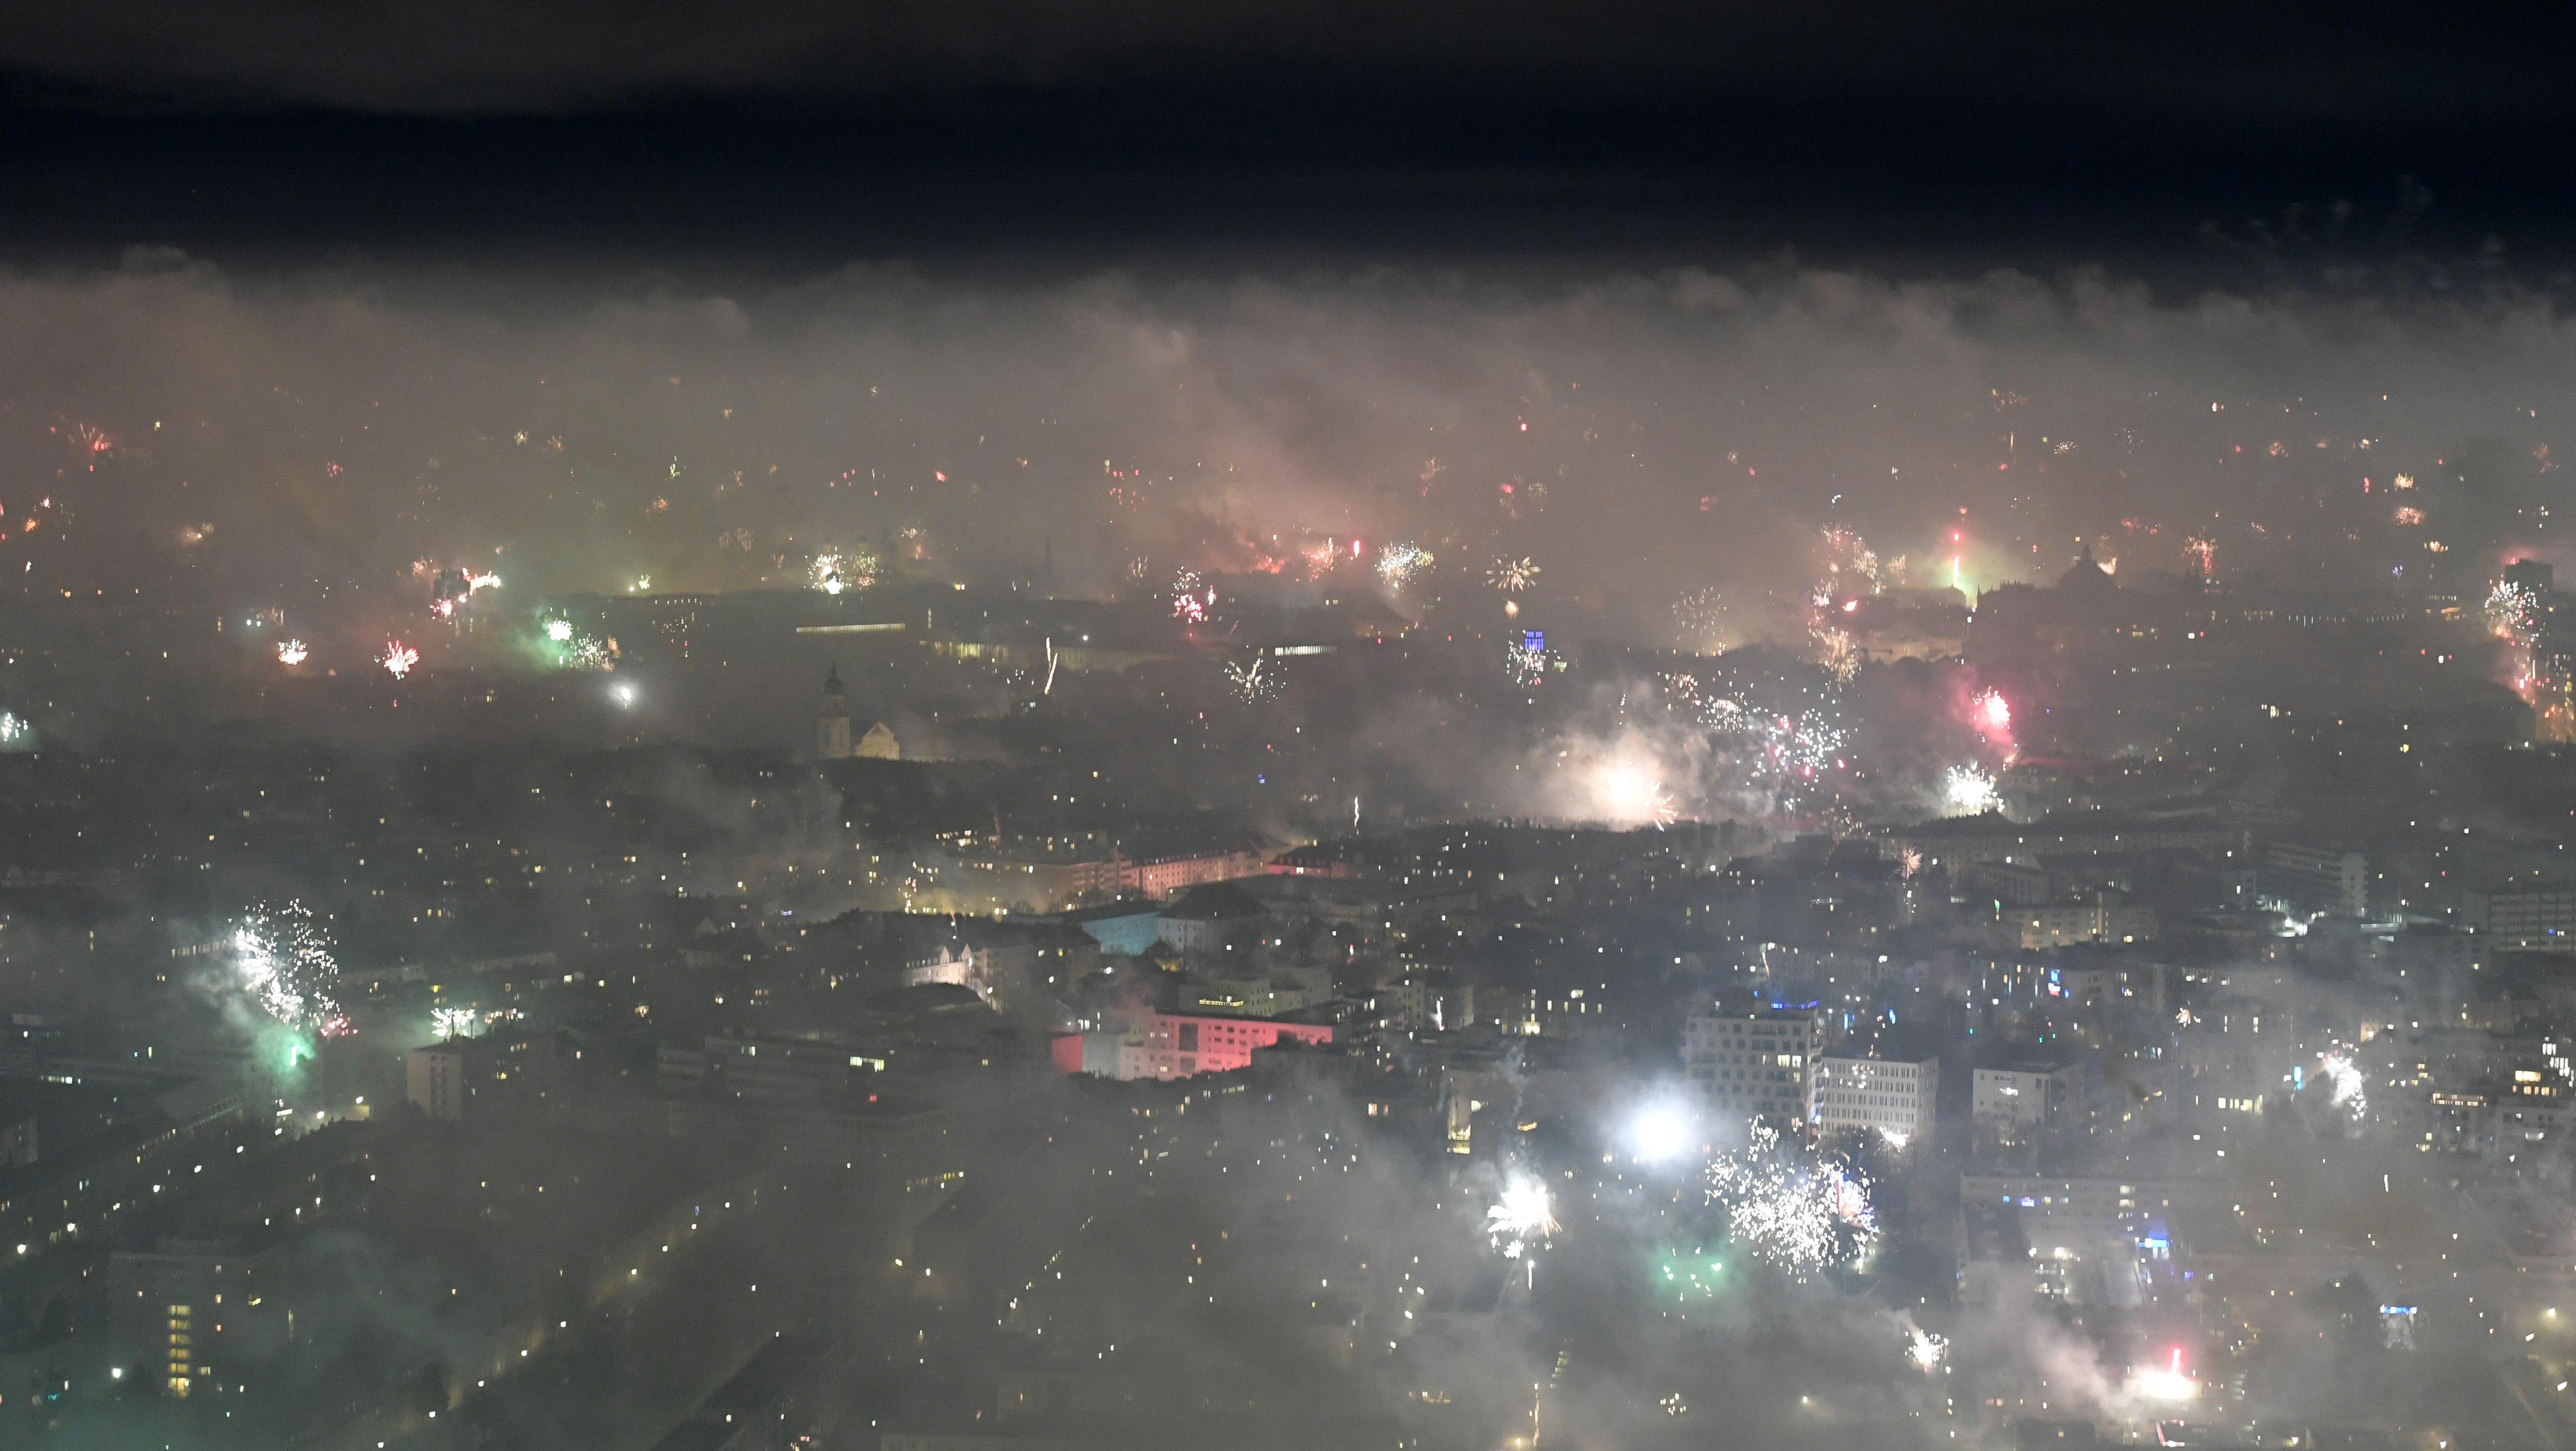 Feuerwerksraketen sind über der Frauenkirche in der Landeshauptstadt München in der Silvesternacht vom 31.12.2018 zum 01.01.2019 zu sehen.